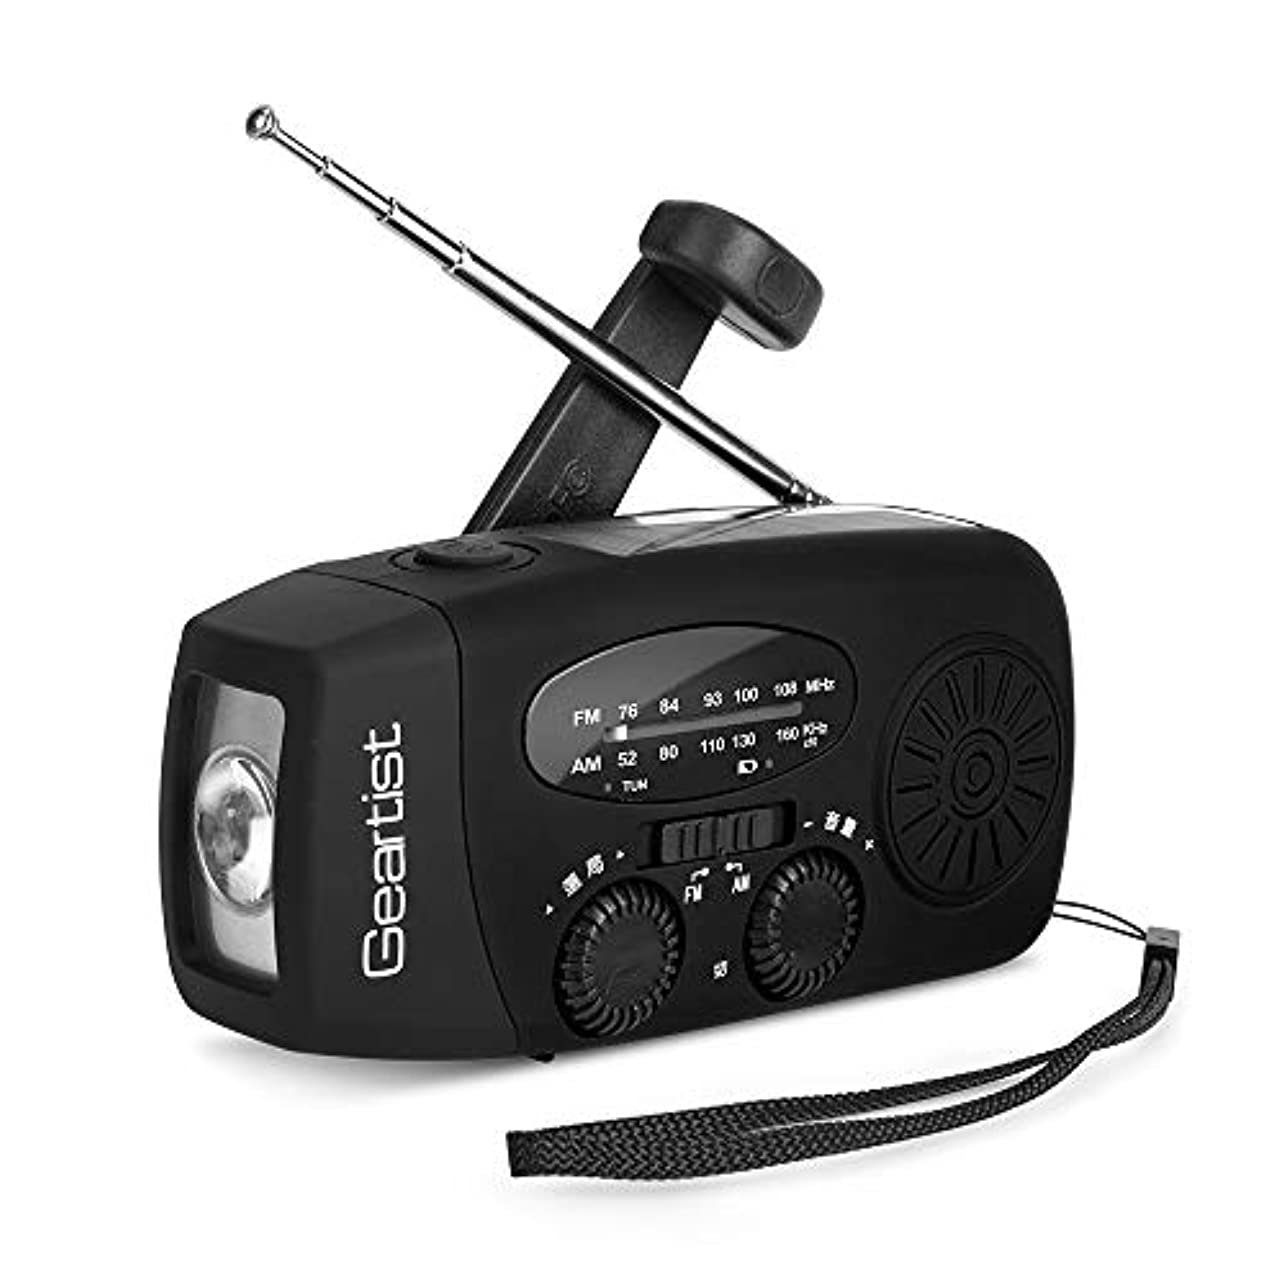 ブロンズケニア減らすGeartist GTR88 ソーラーラジオ 天気ラジオ 手回しラジオ WB/AM/FM携帯ラジオ LED付き懐中電灯 1000mAh 携帯に充電可能